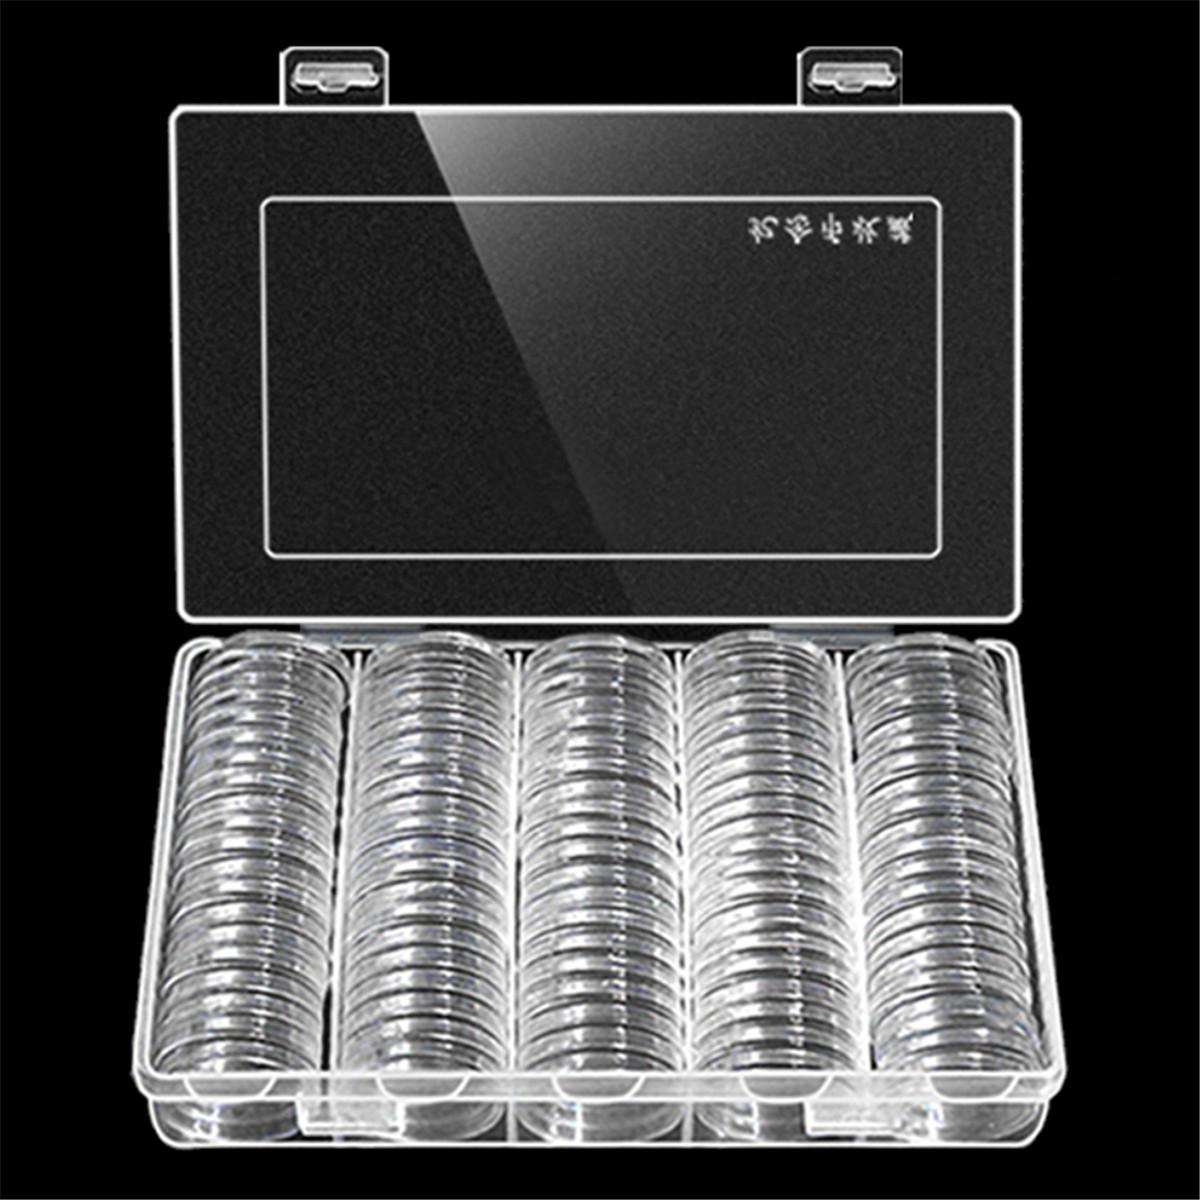 Монеты держателя хранения Коробка Держите 100Pcs 30мм круглые монеты Коробкаes Пластиковые протектор -1TopShop